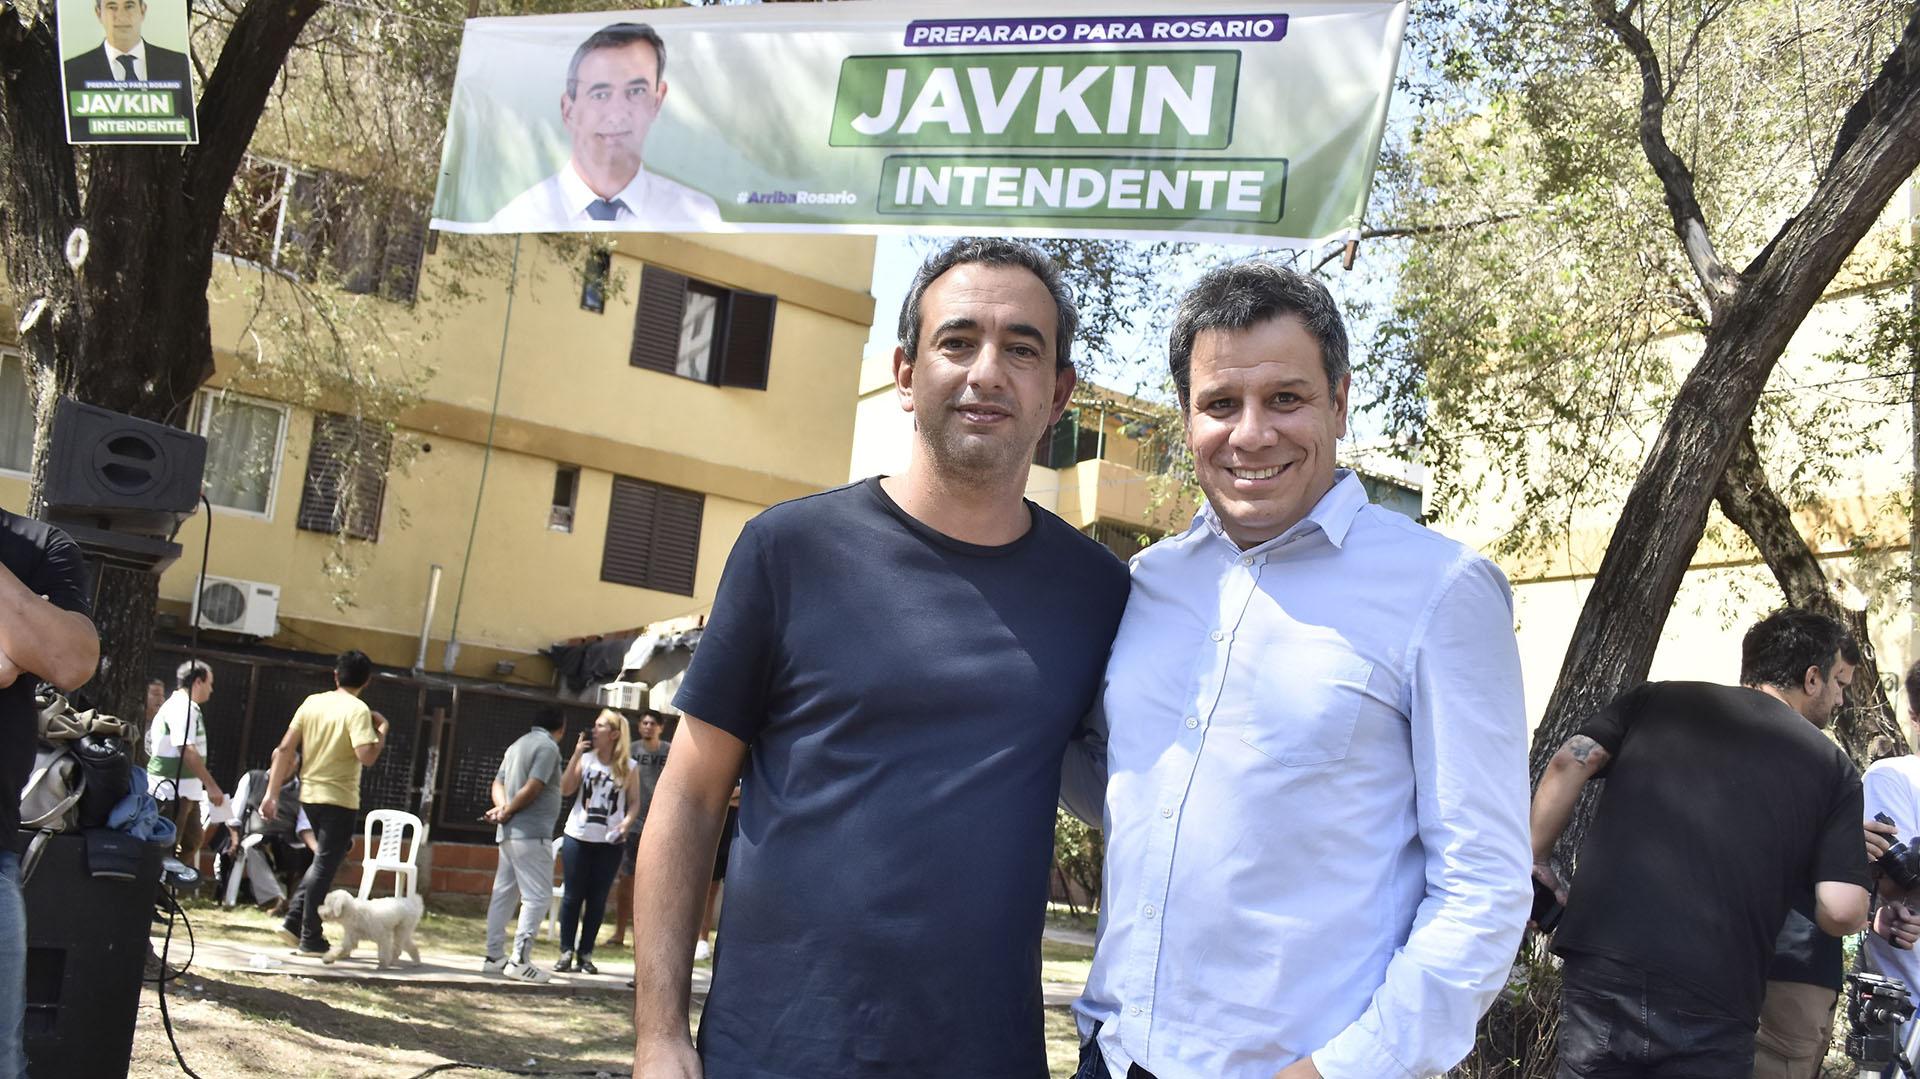 El neurocirujano Facundo Manes viajó a Rosario para hacer campaña consu amigo Javkin